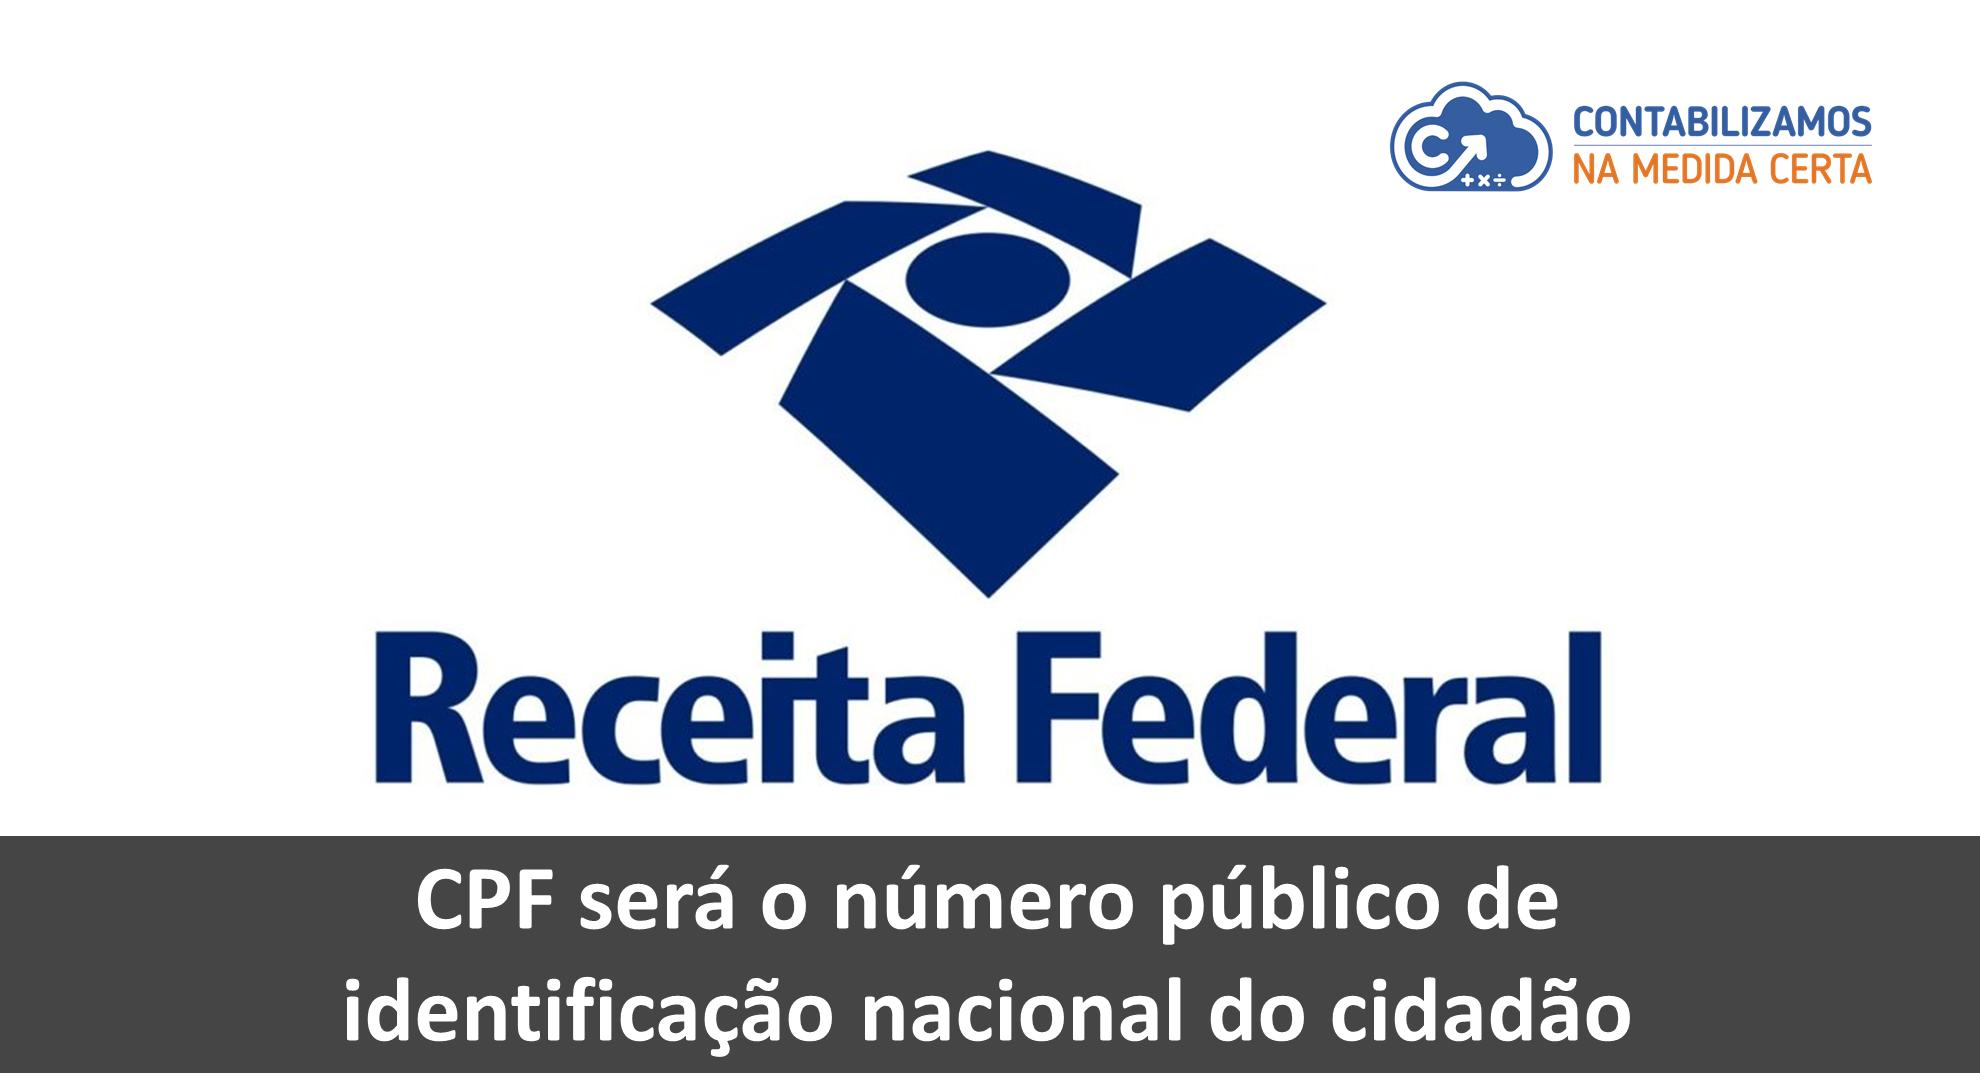 CPF Será O Número Público De Identificação Nacional Do Cidadão